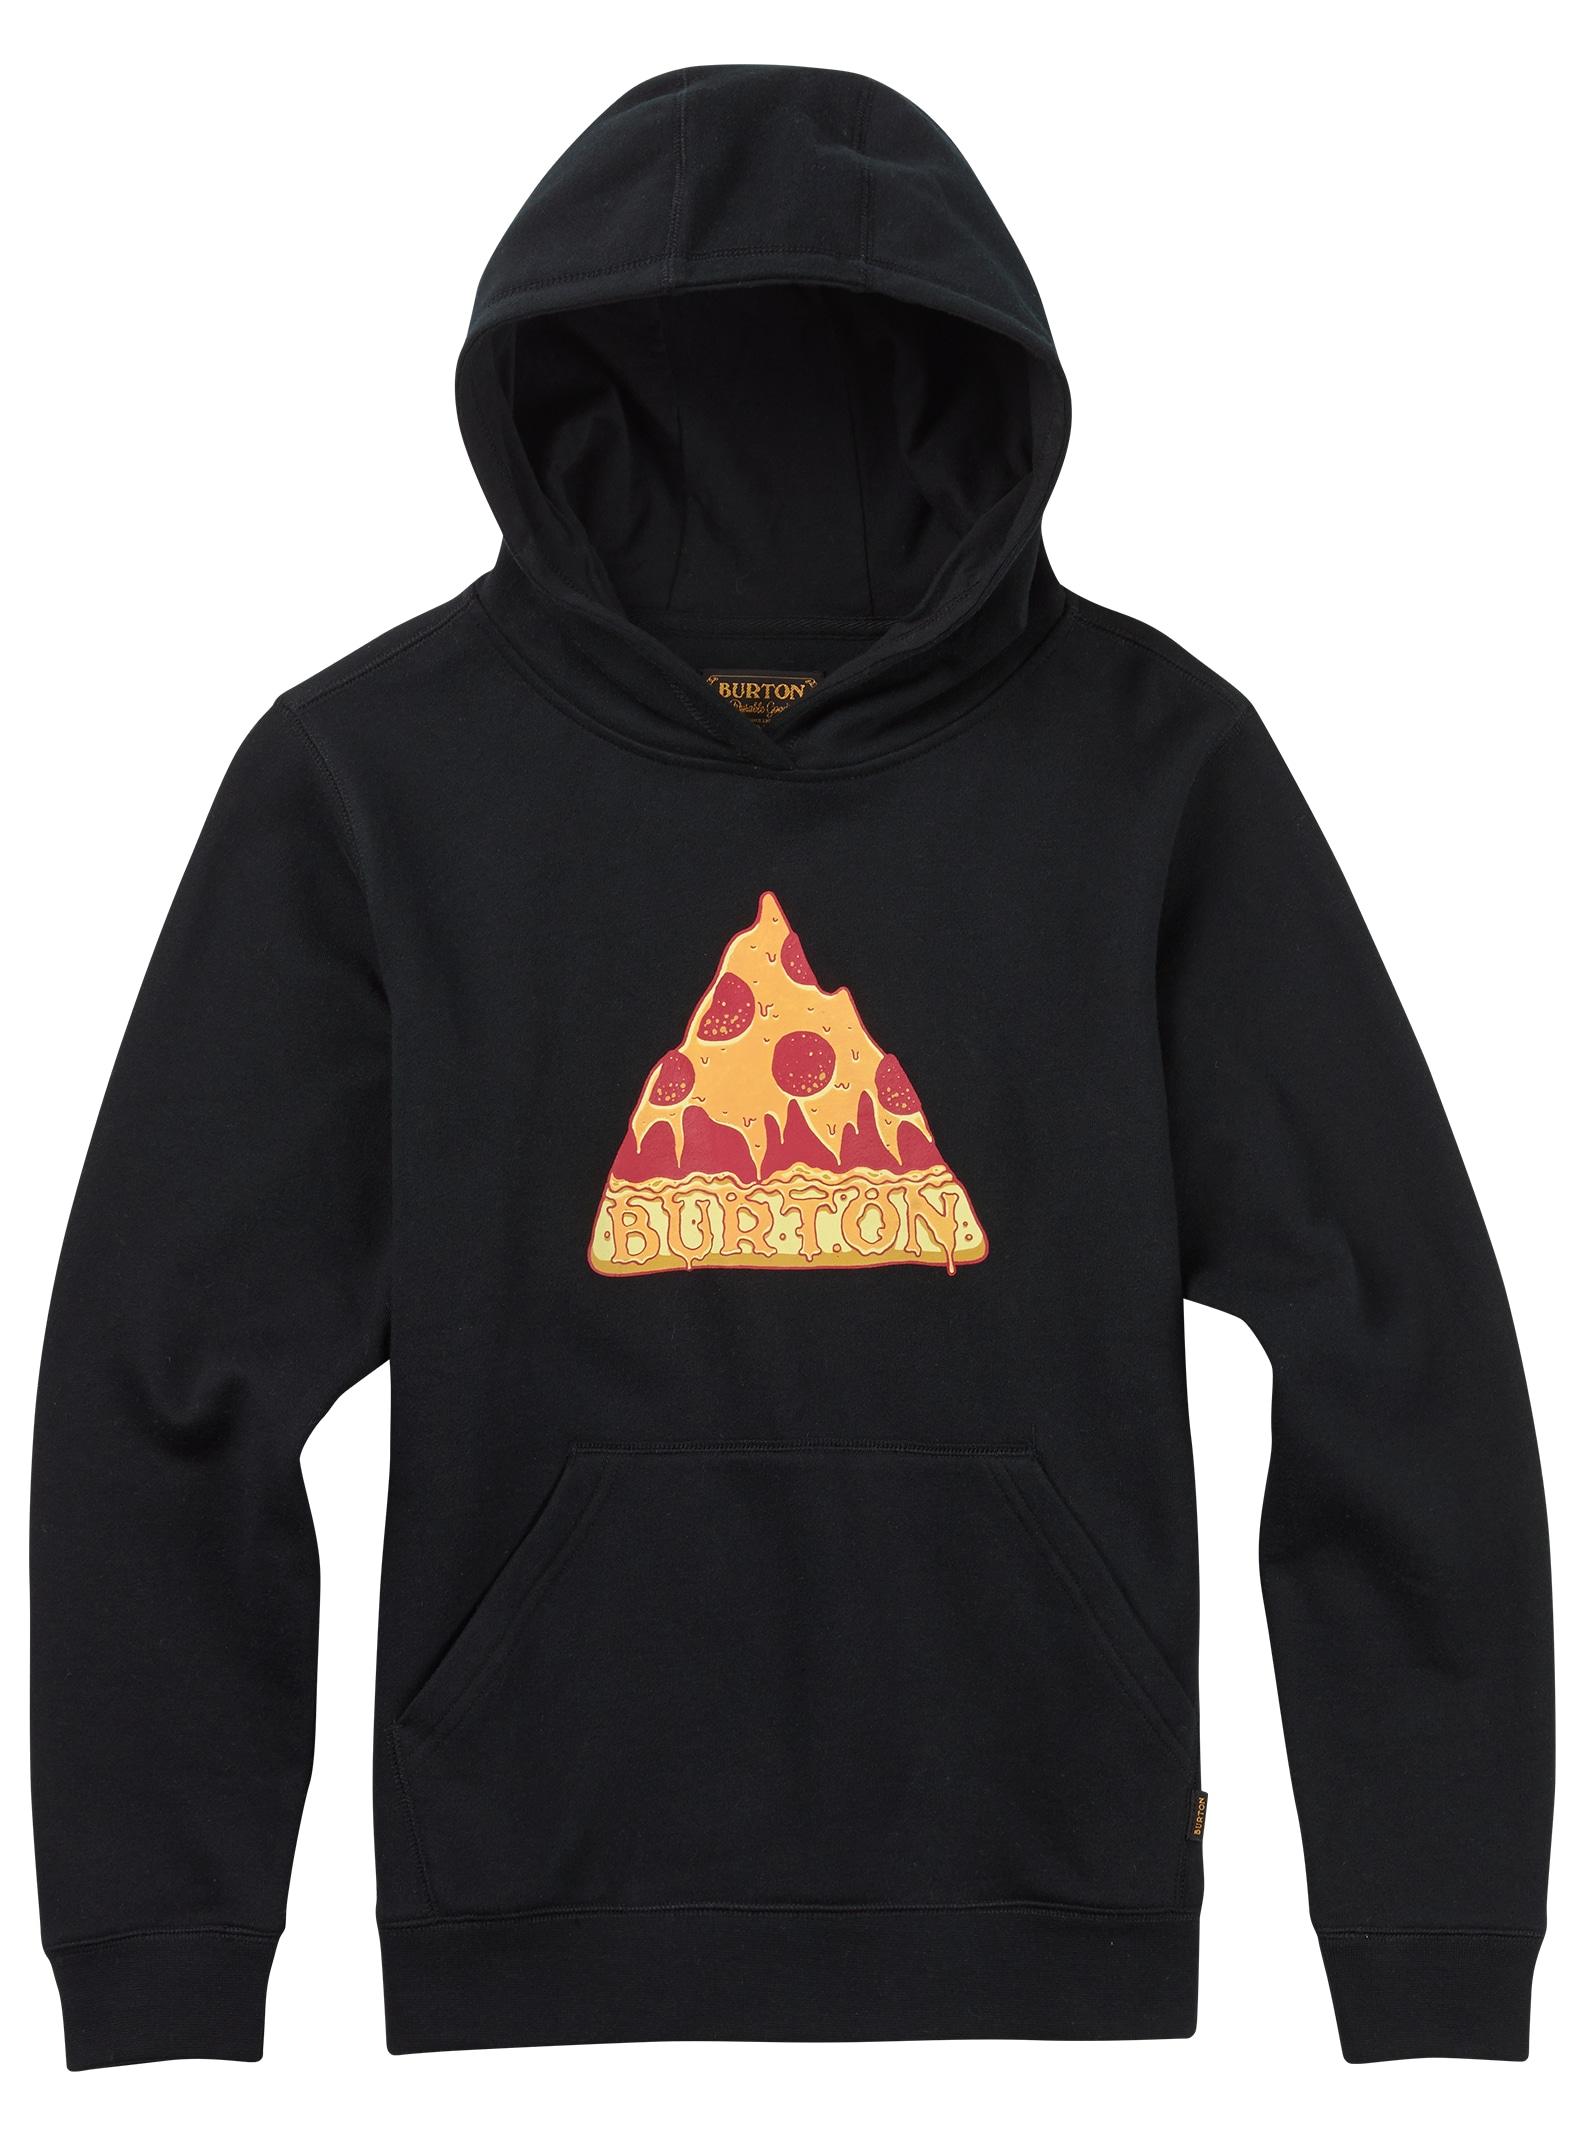 Burton Mountain Pizza Pullover für Jungs angezeigt in True Black